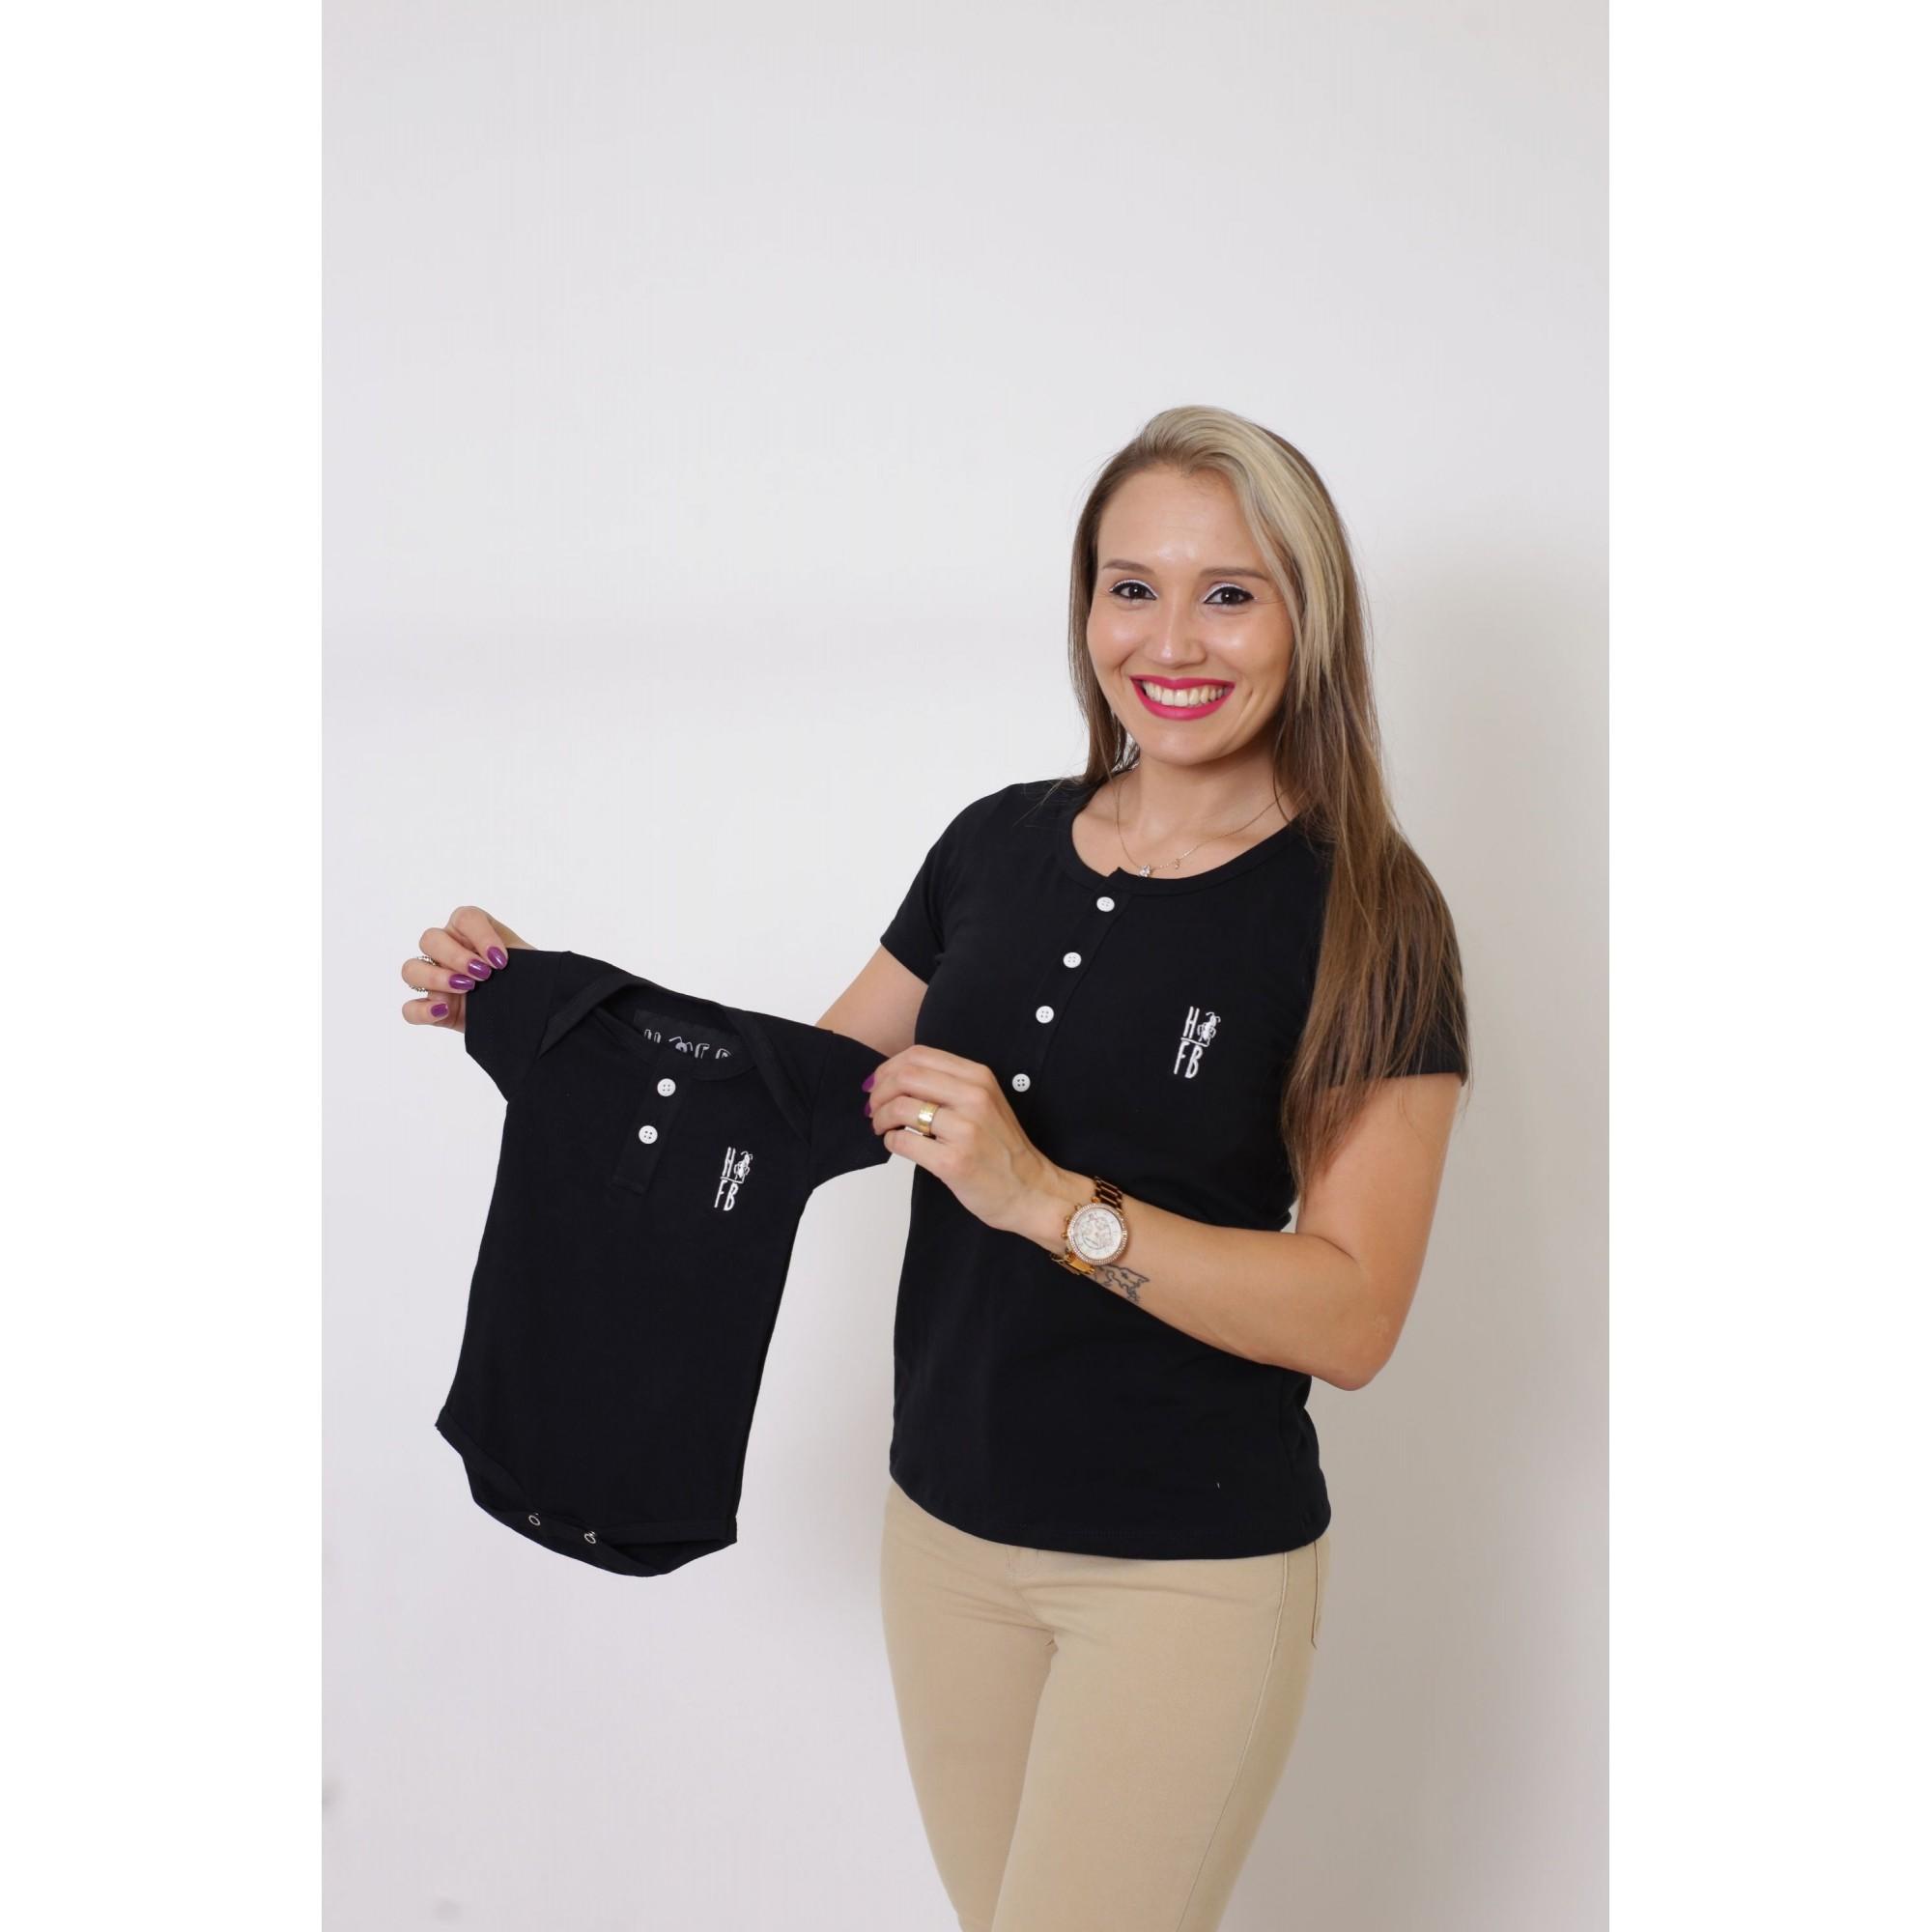 PAIS E FILHOS > Kit 3 Peças T-Shirt ou Body Henley - Preto [Coleção Família]  - Heitor Fashion Brazil